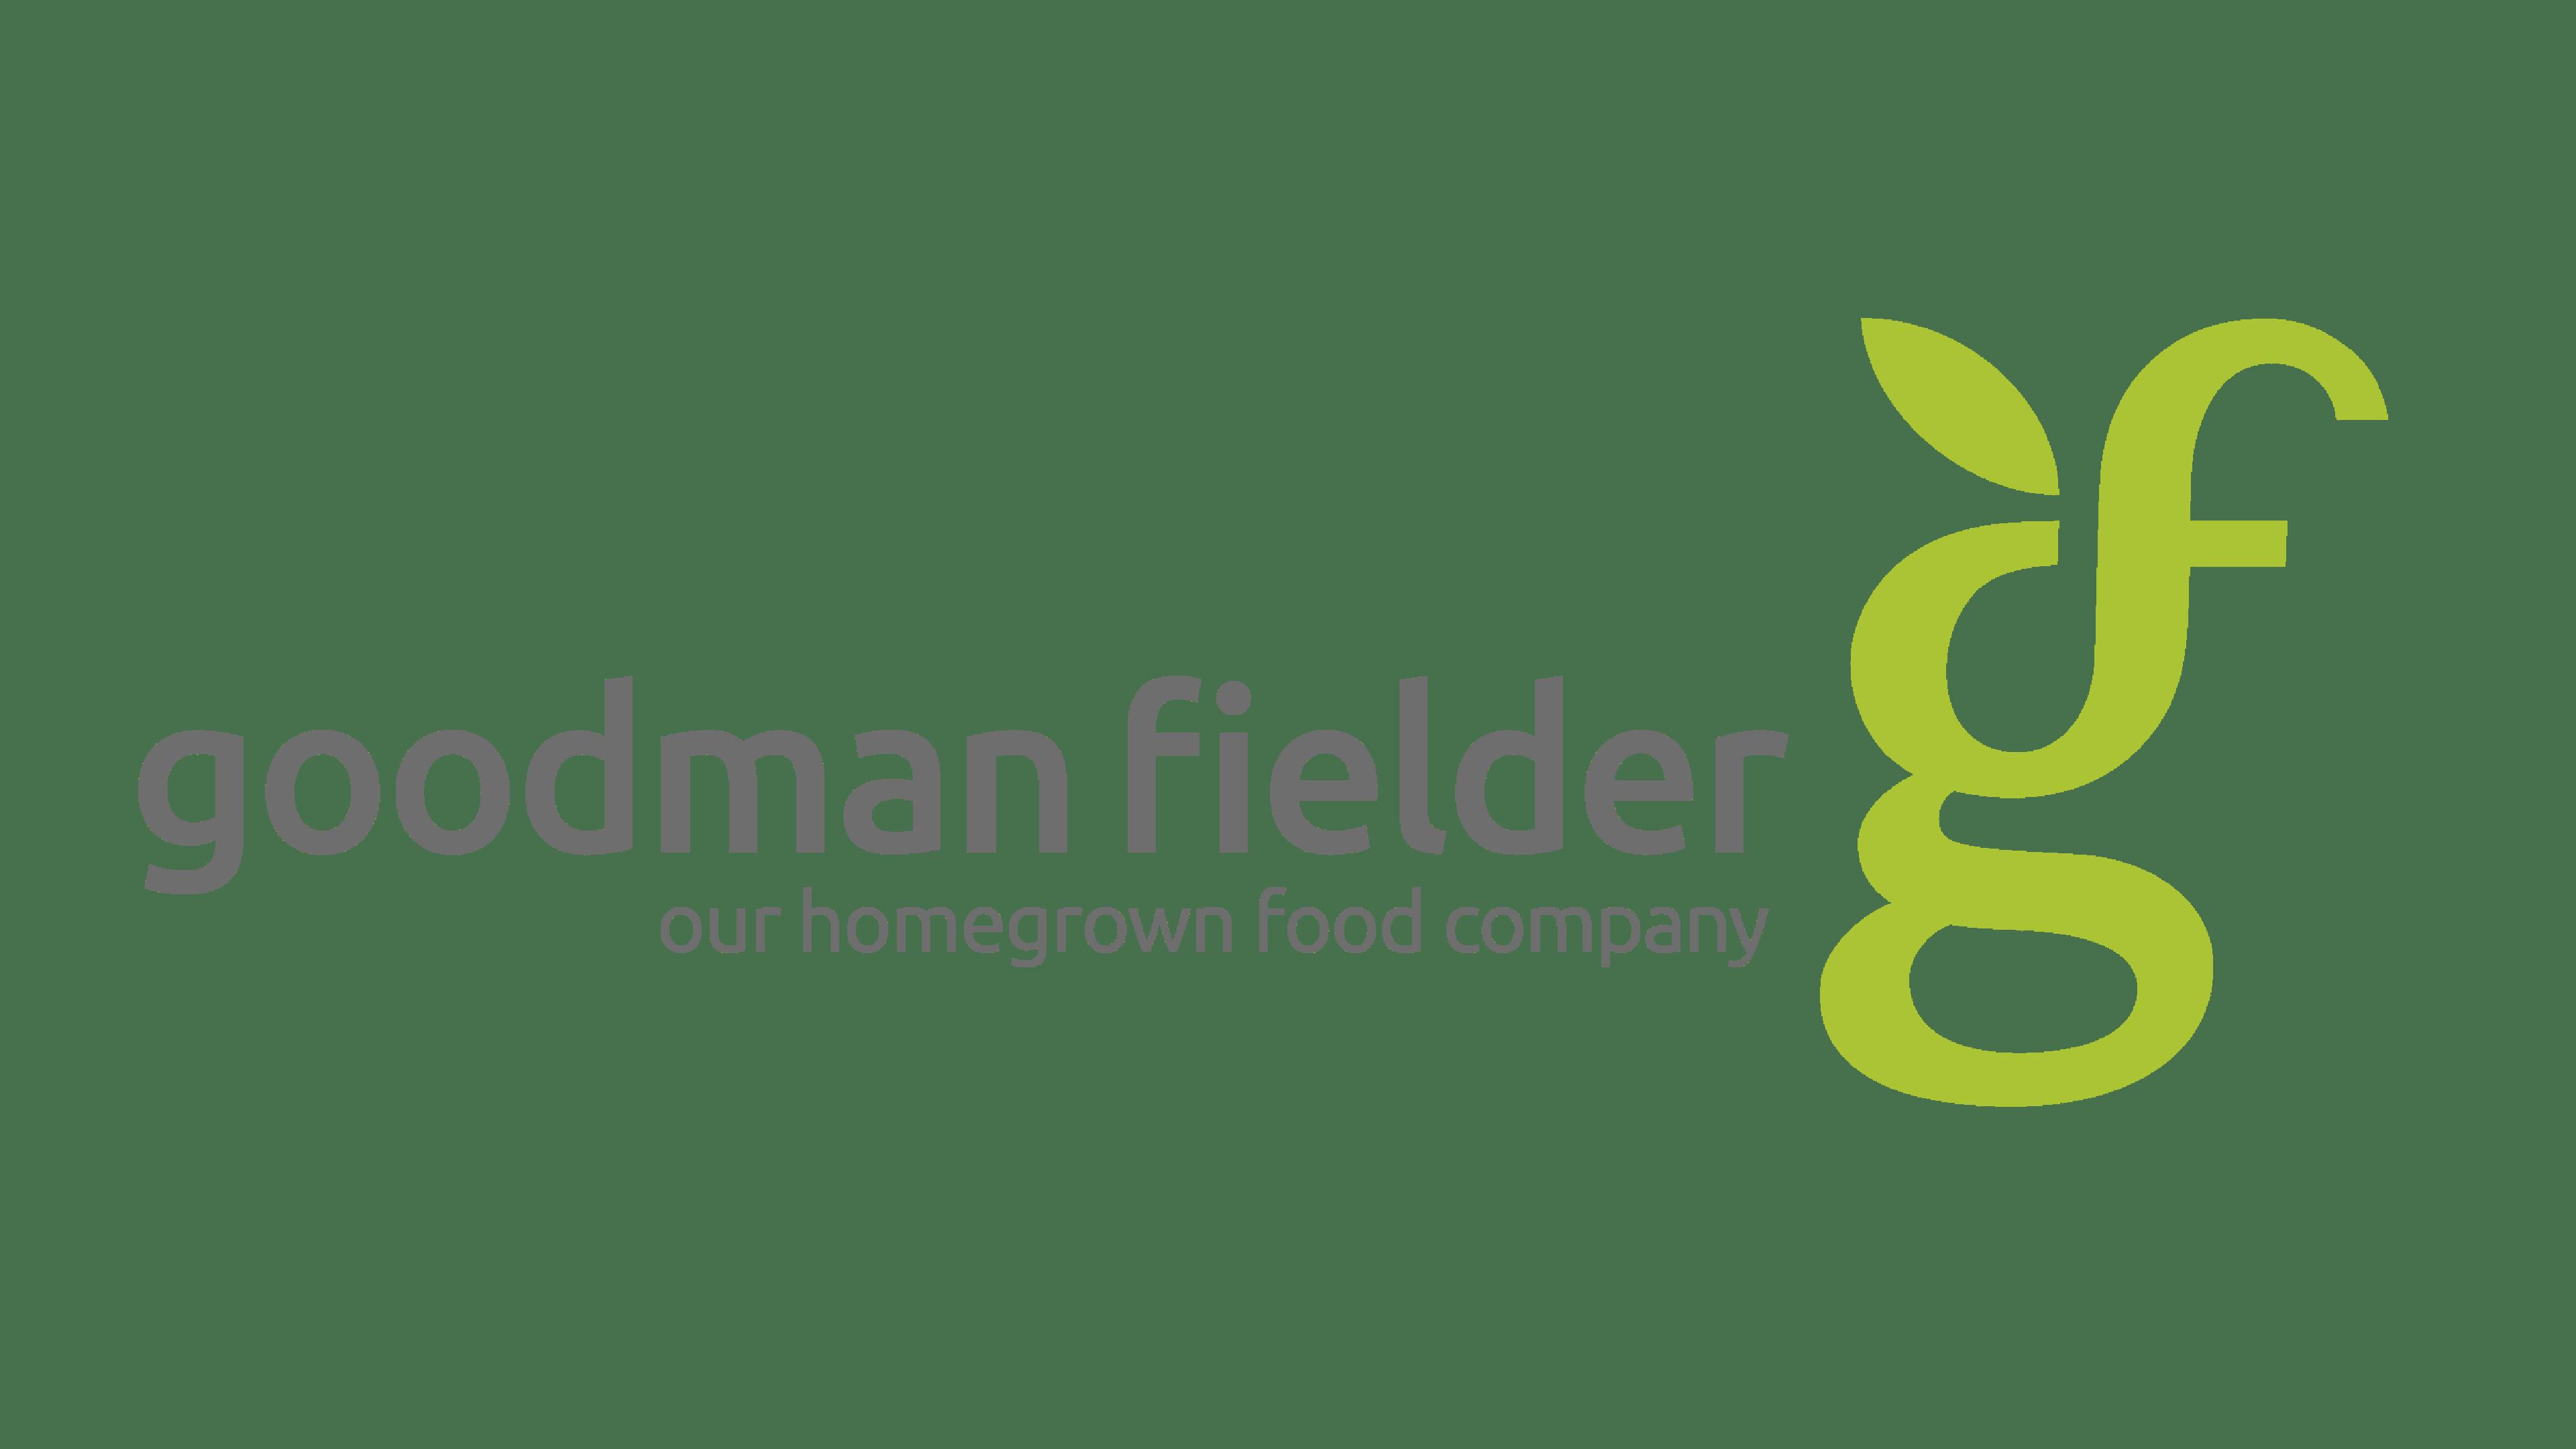 Goodman Fielder Logo Logo